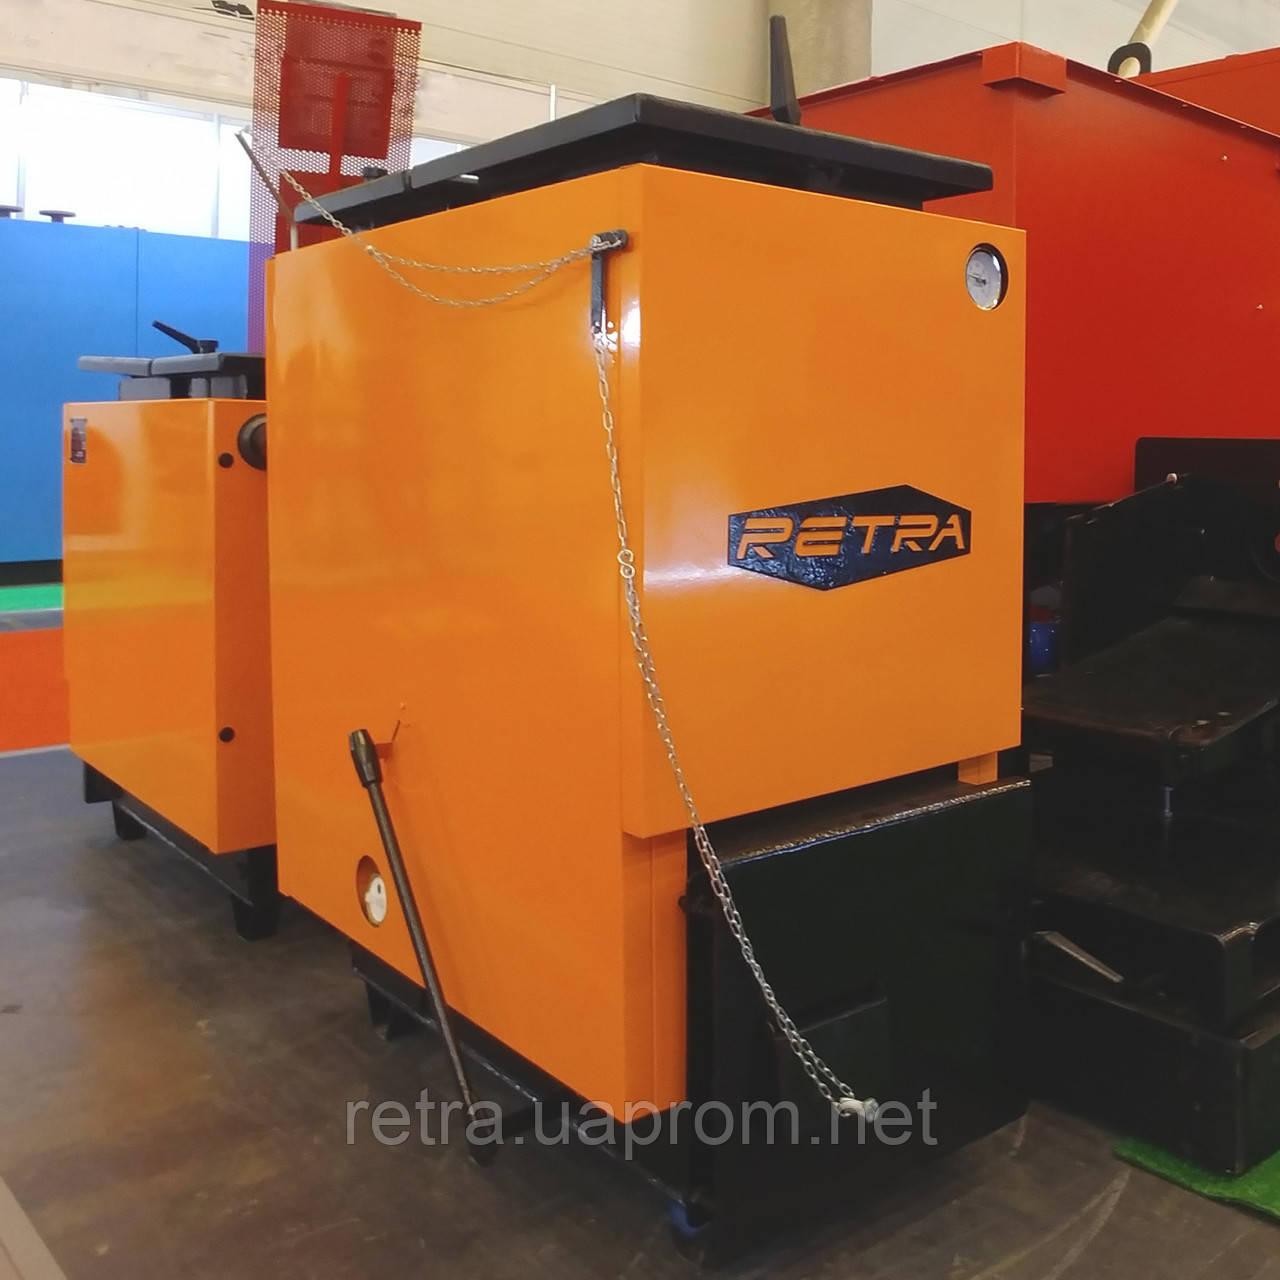 Котел твердотопливный Ретра-6М Comfort 40 кВт шахтный длительного горения